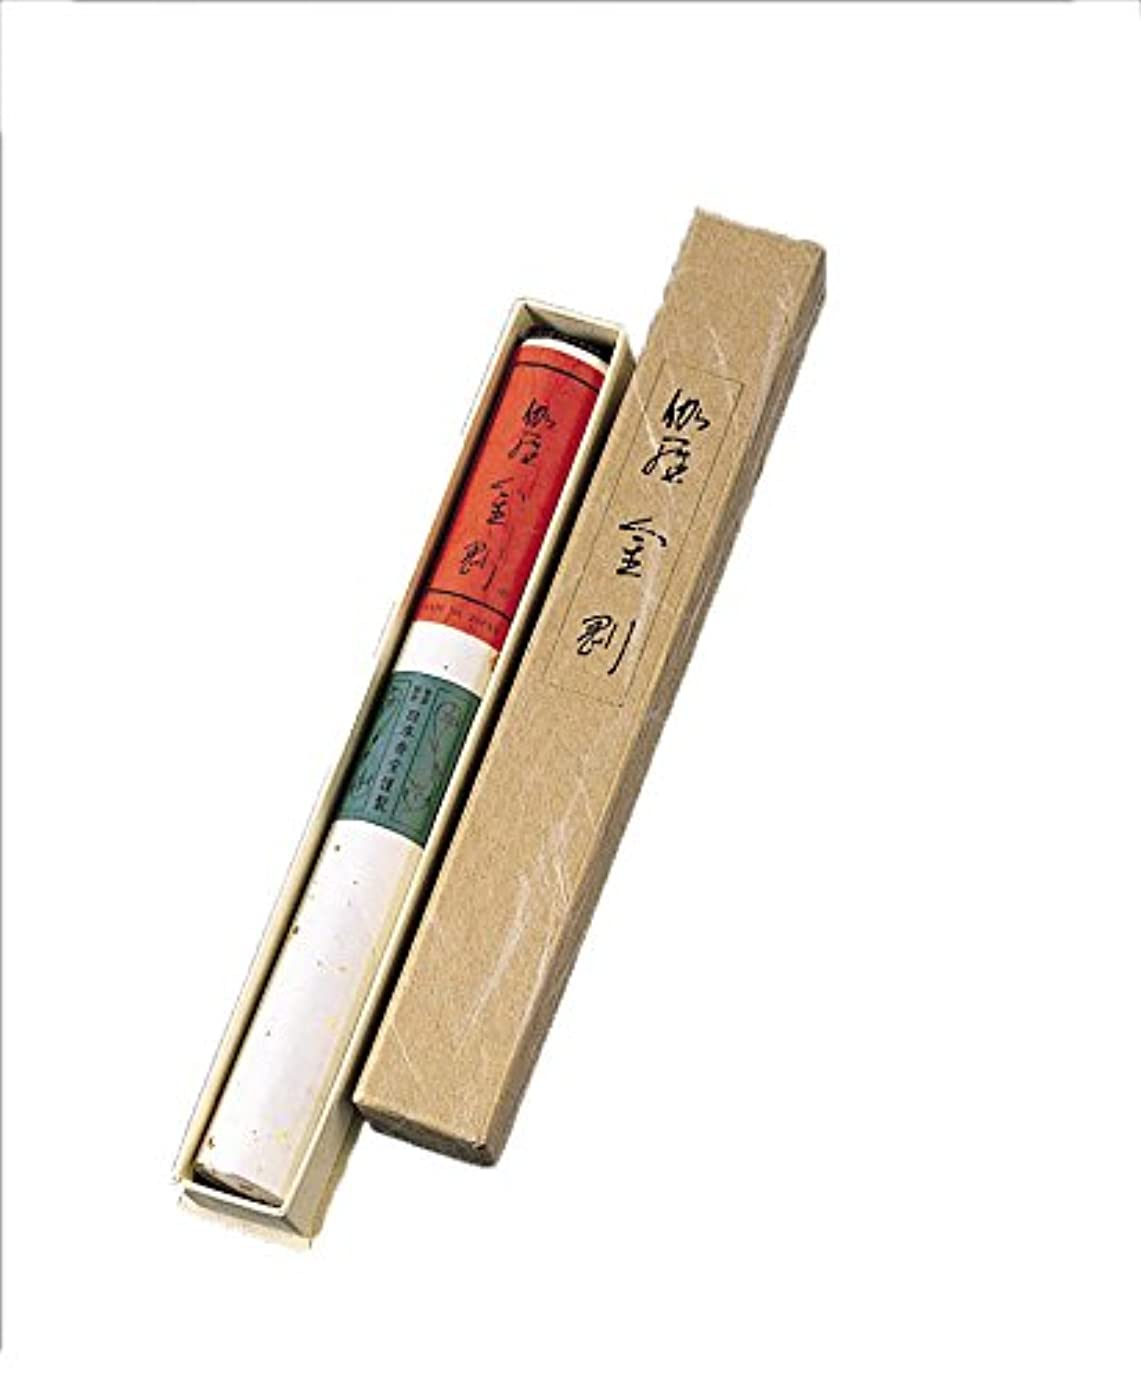 ぼろステーキ請負業者Nippon Kodo – Kyara Kongo – 選択したAloeswood Long Stick Incense 100 Sticks